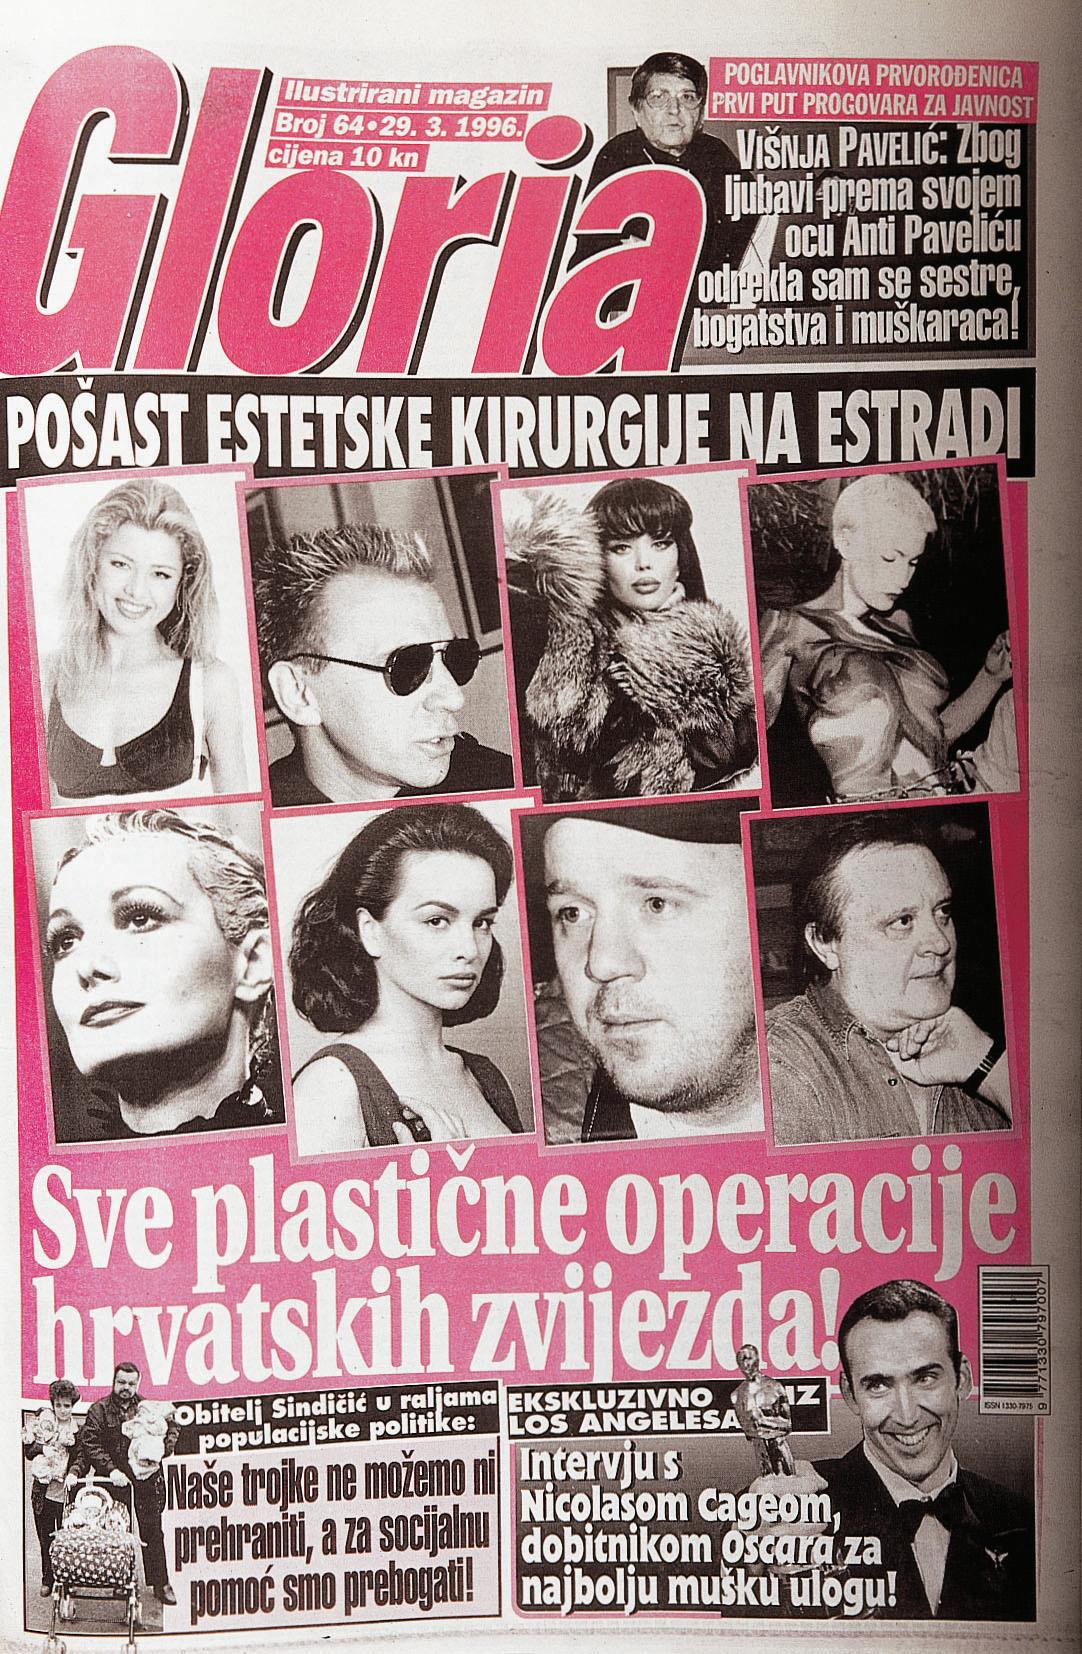 Tema o kojoj se tada nije mnogo pisalo - plastične operacije hrvatskih zvijezda